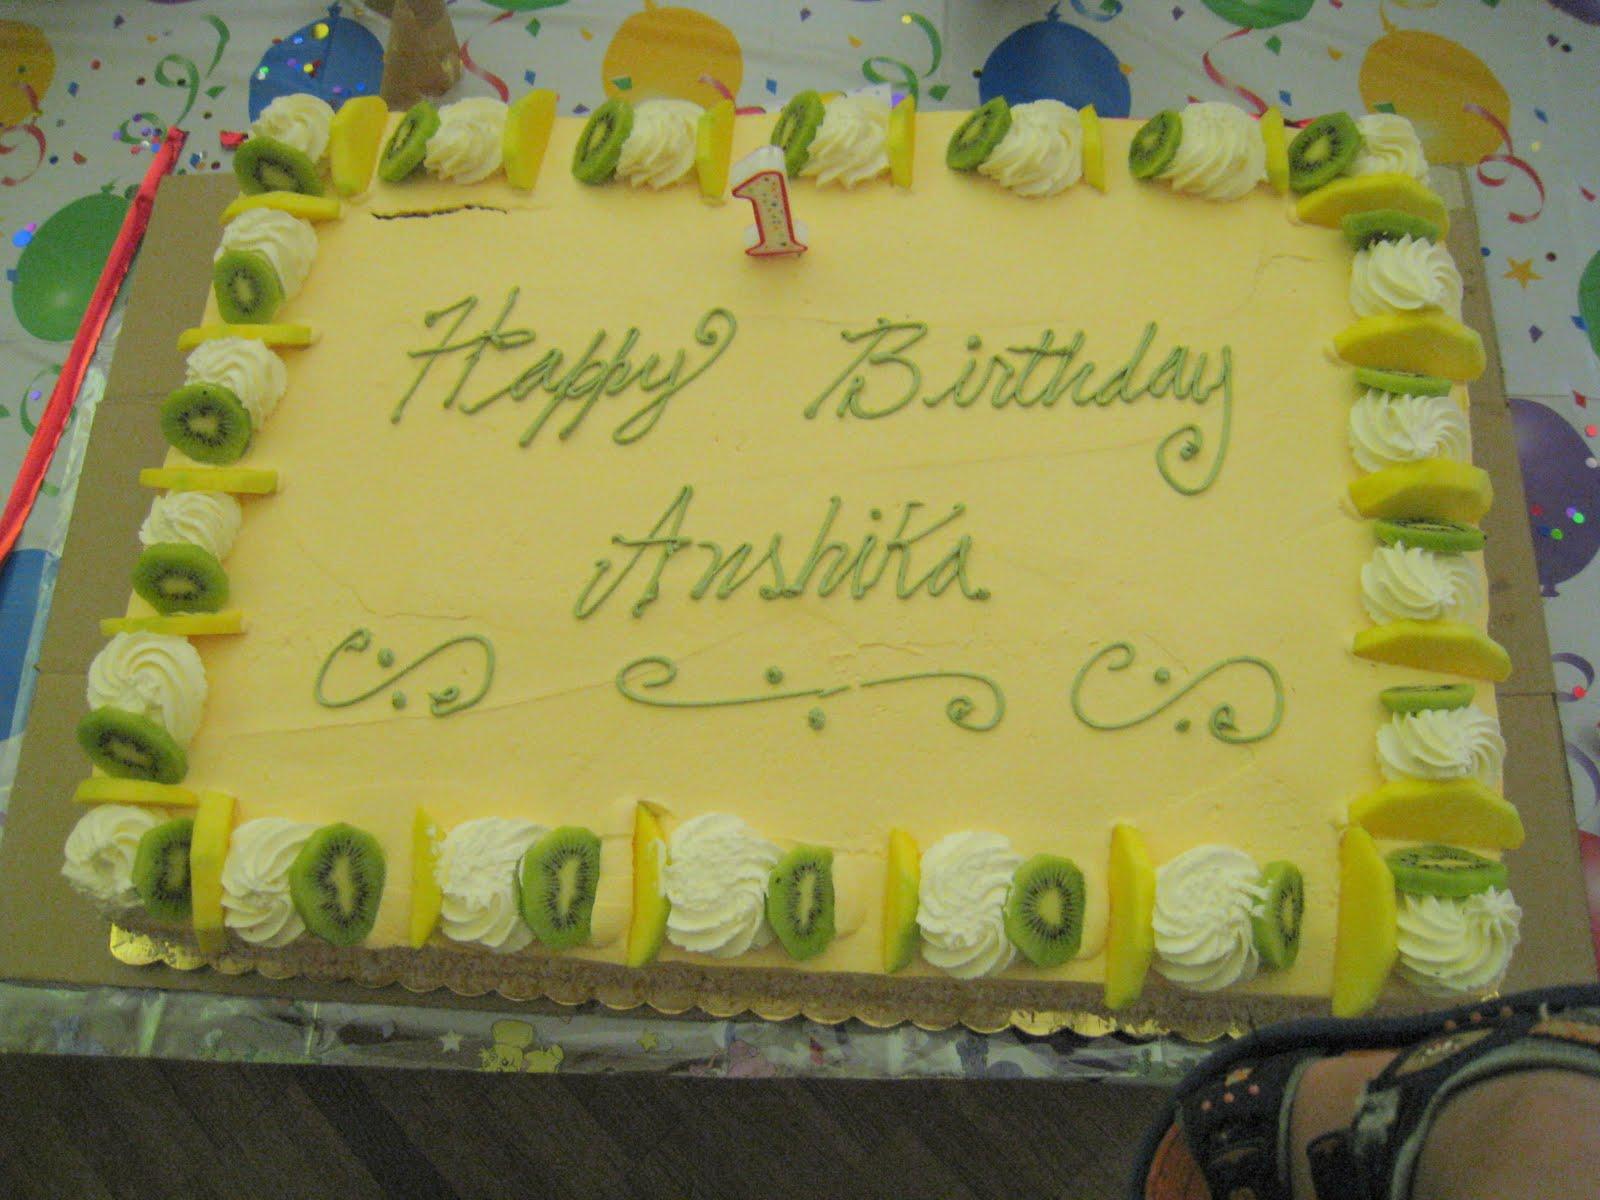 yatyalan whole foods order cake